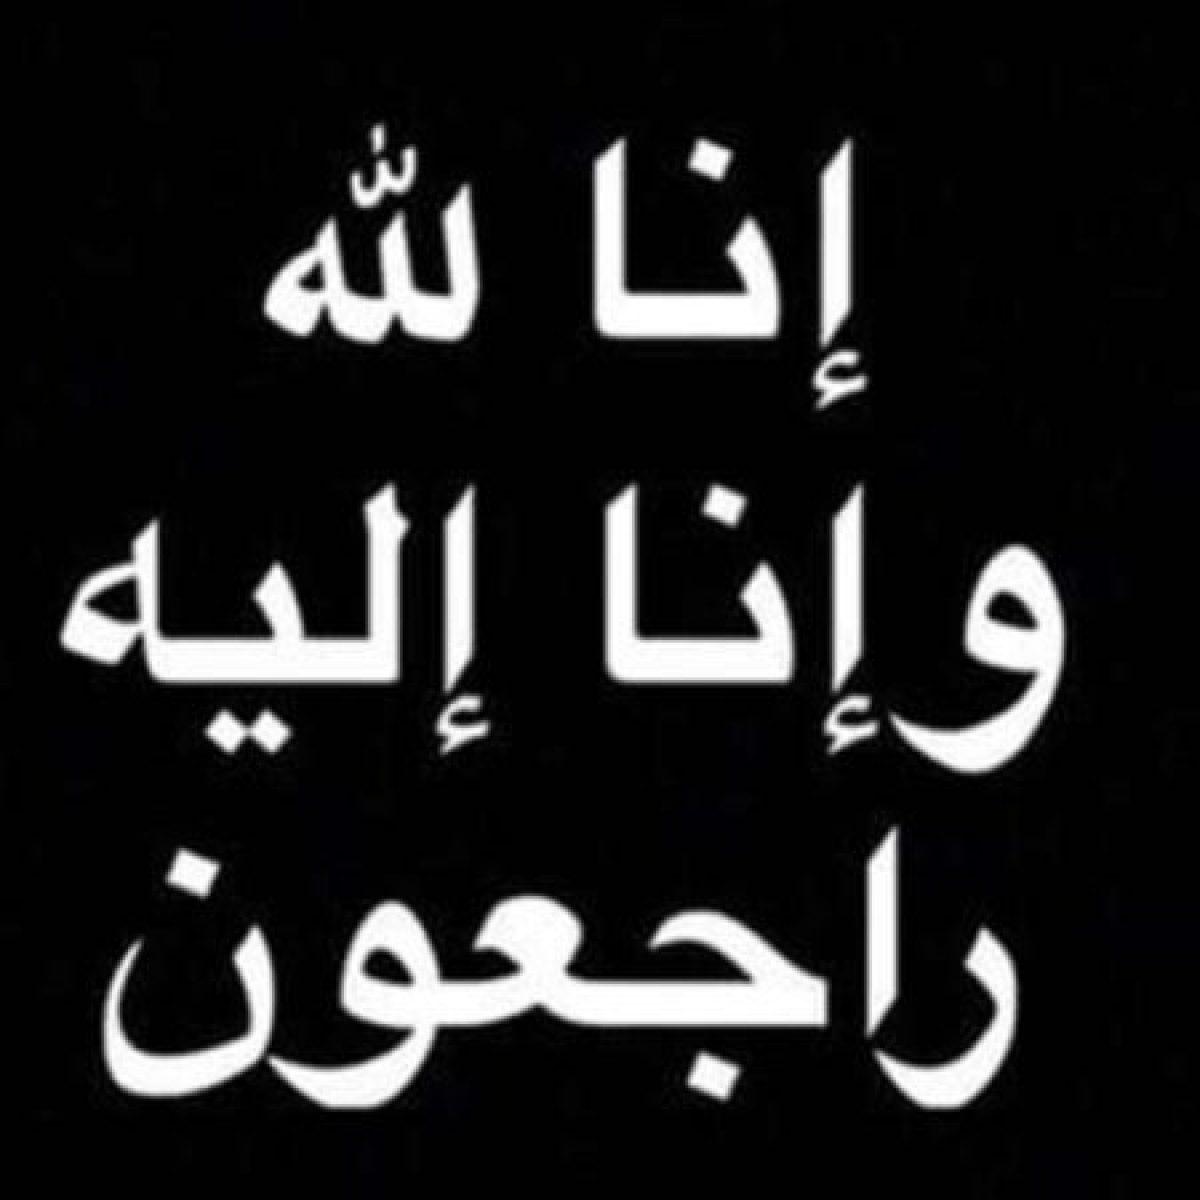 ما الرد على البقاء لله ما إجابة البقاء لله نادي العرب